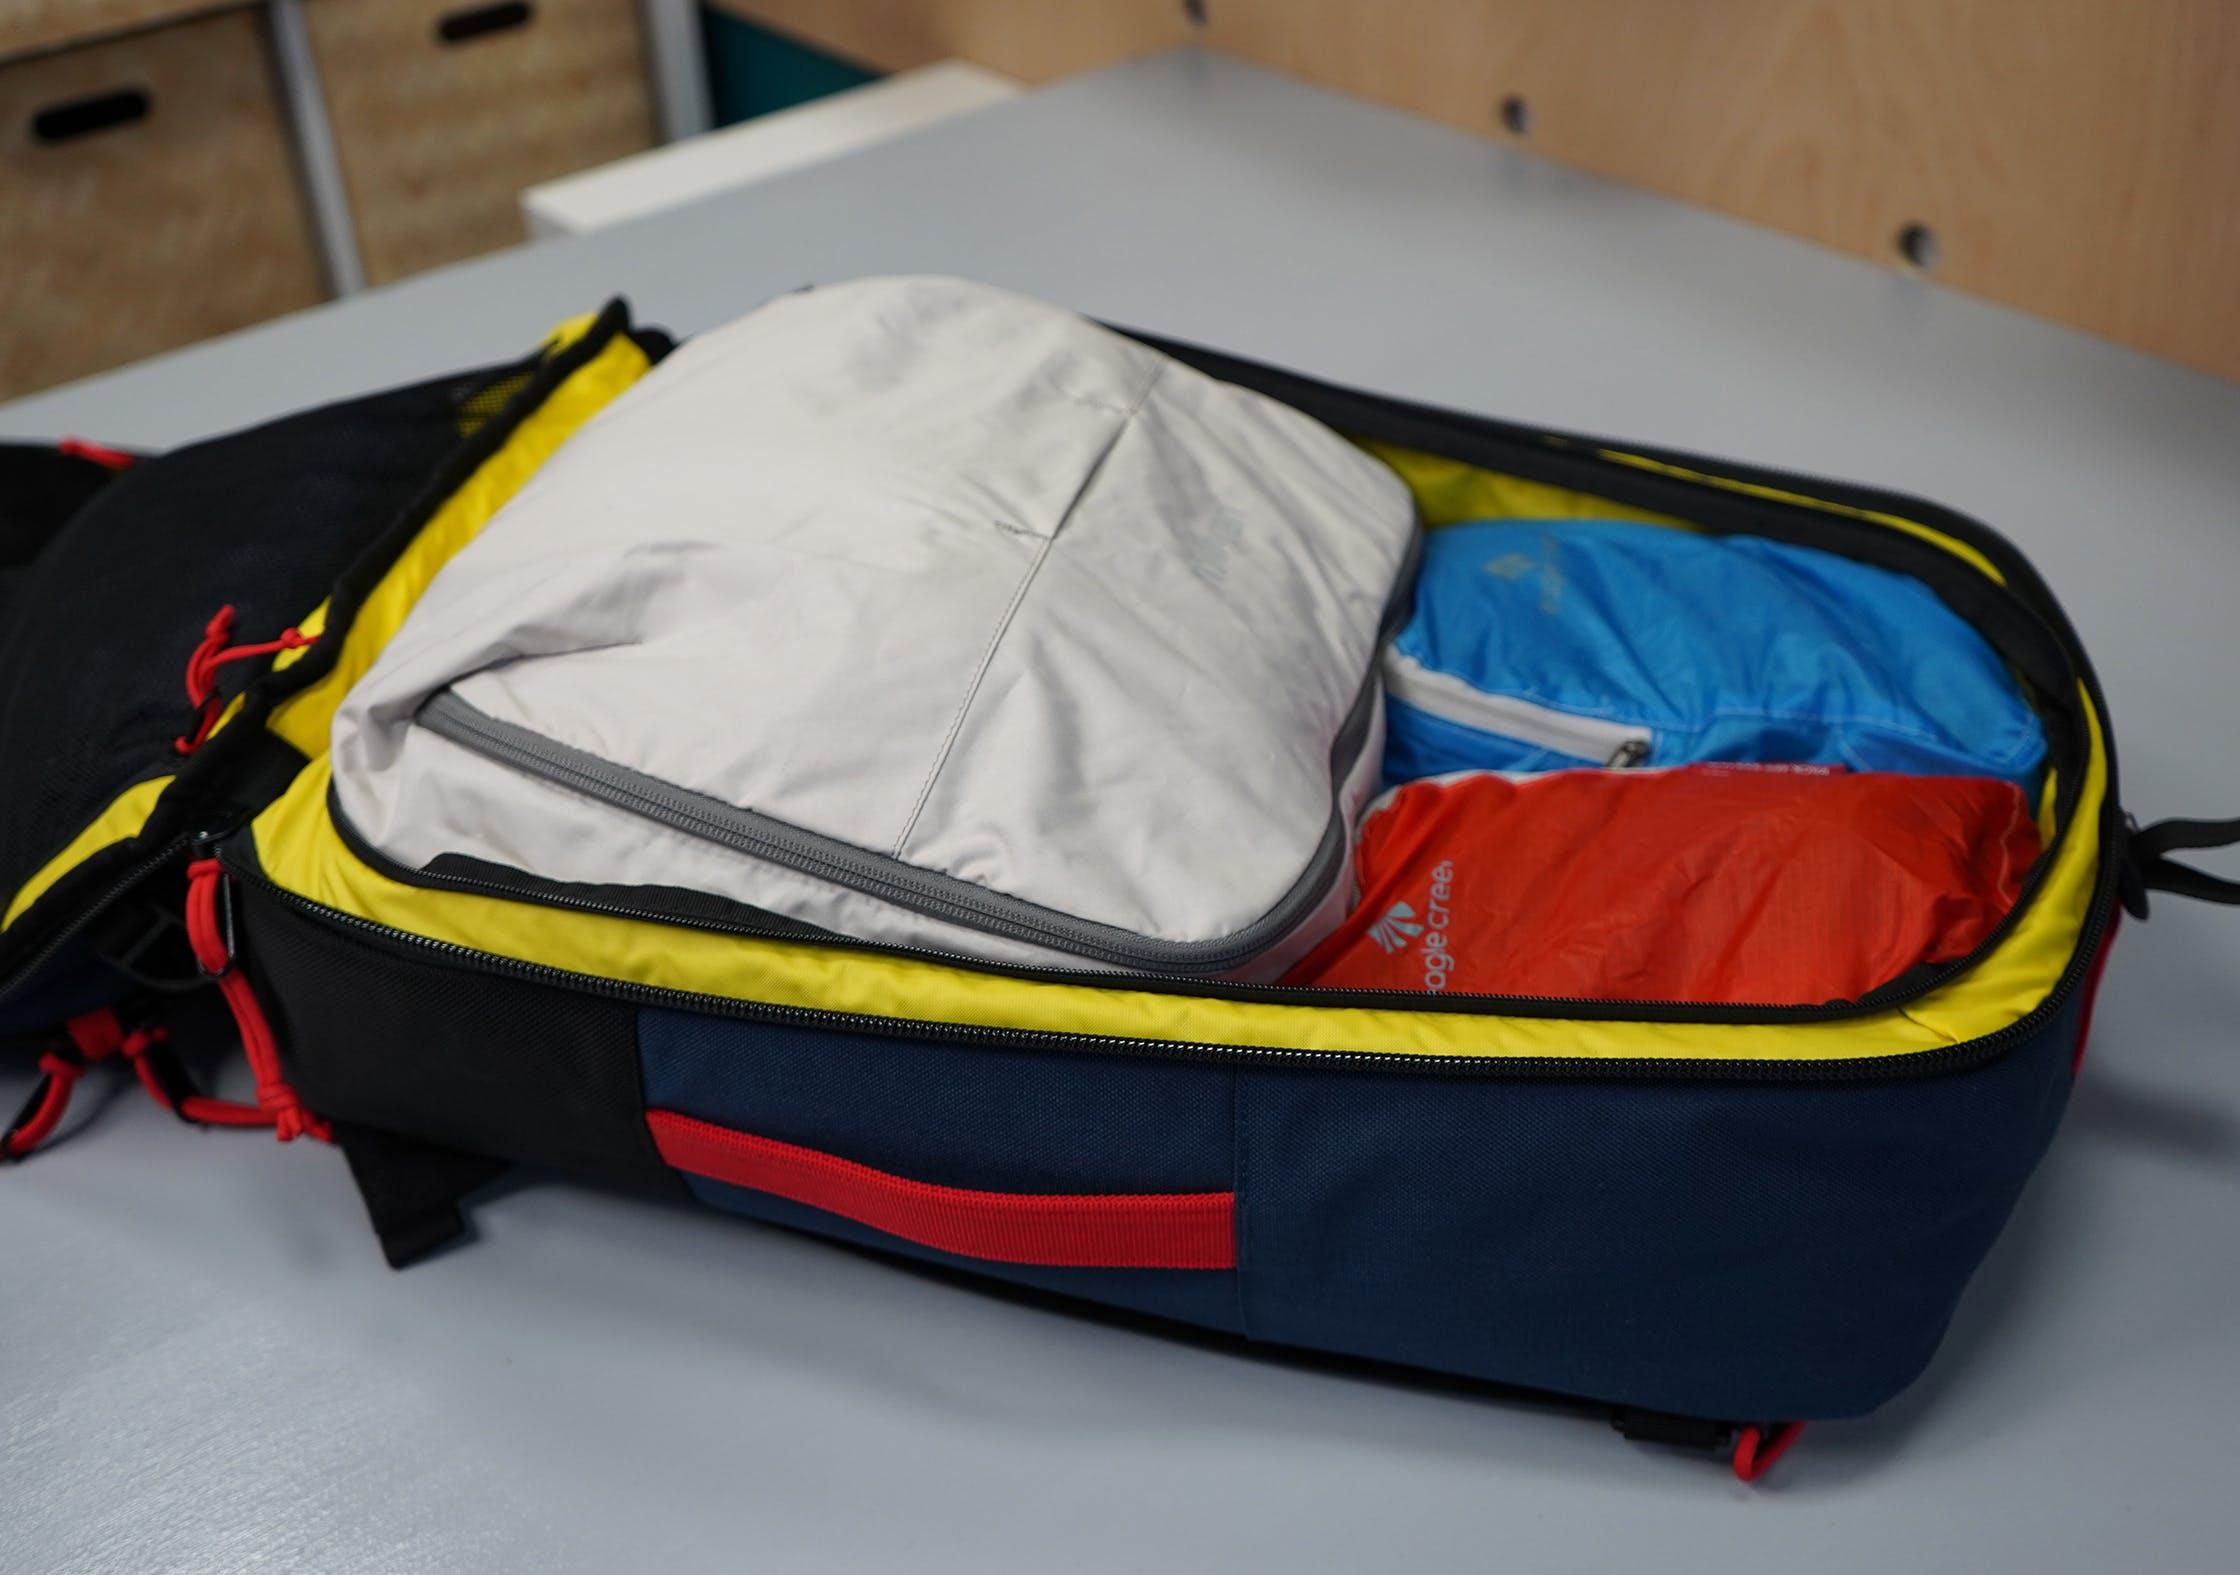 Topo Designs Travel Bag 40L Main Compartment